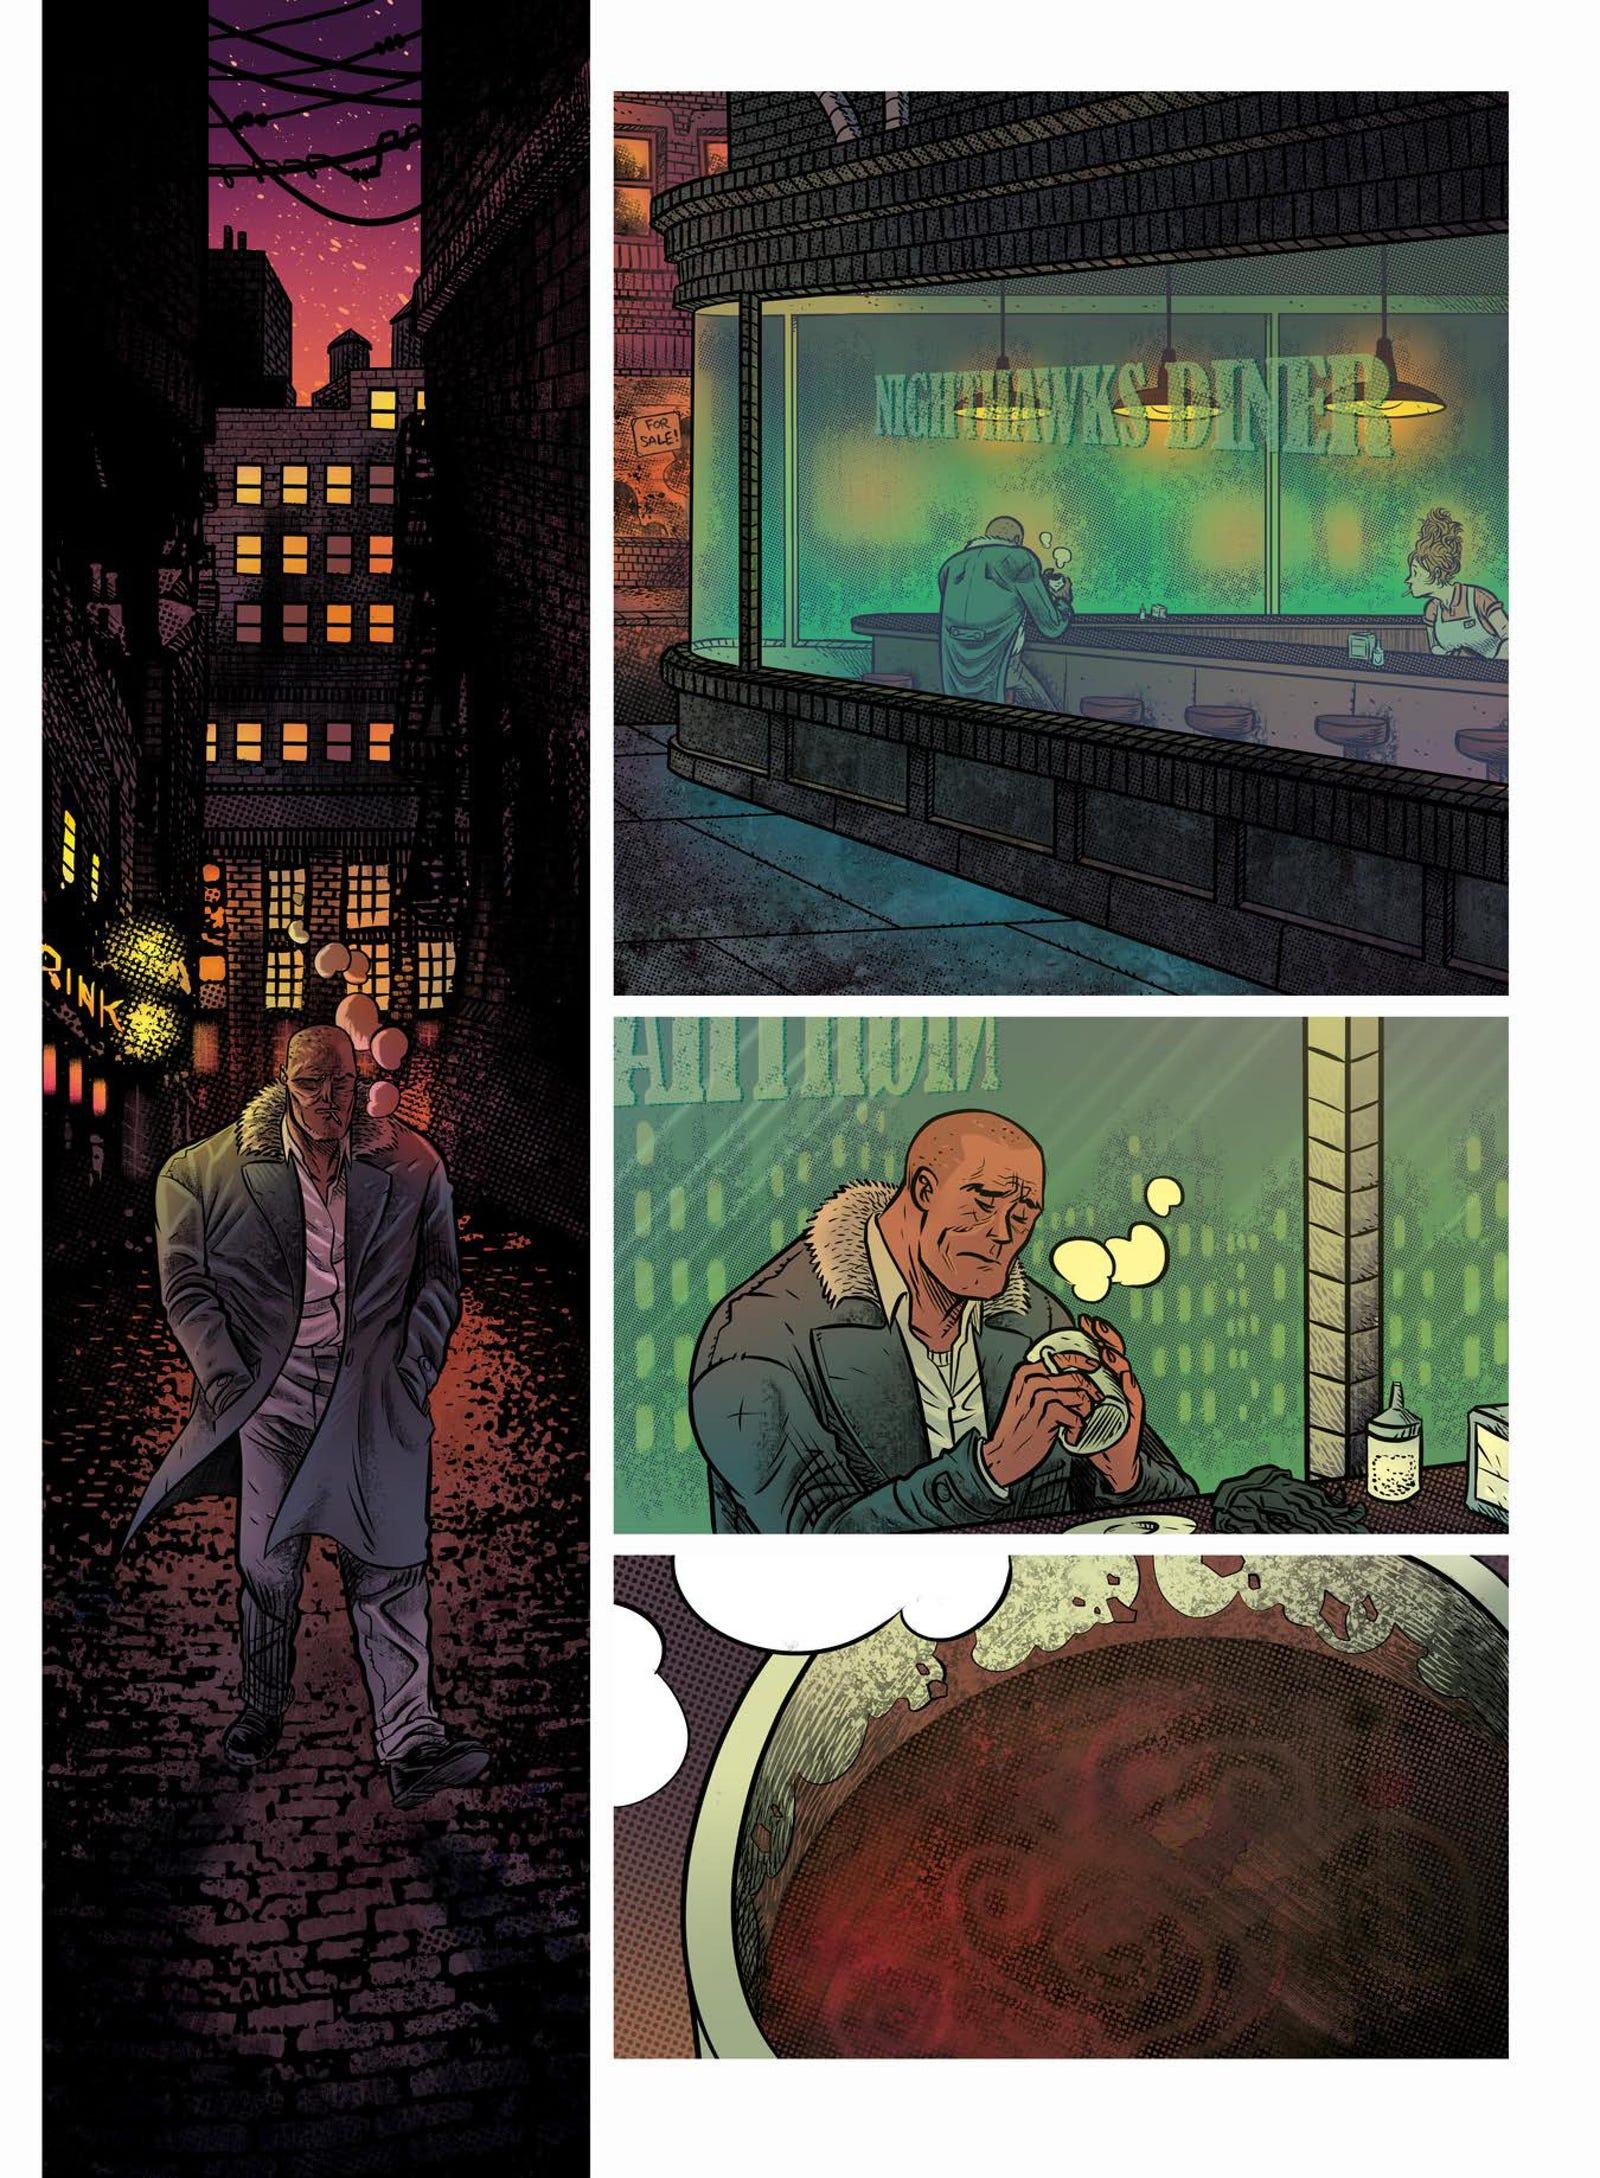 An exclusive look inside Cosmic Detective.